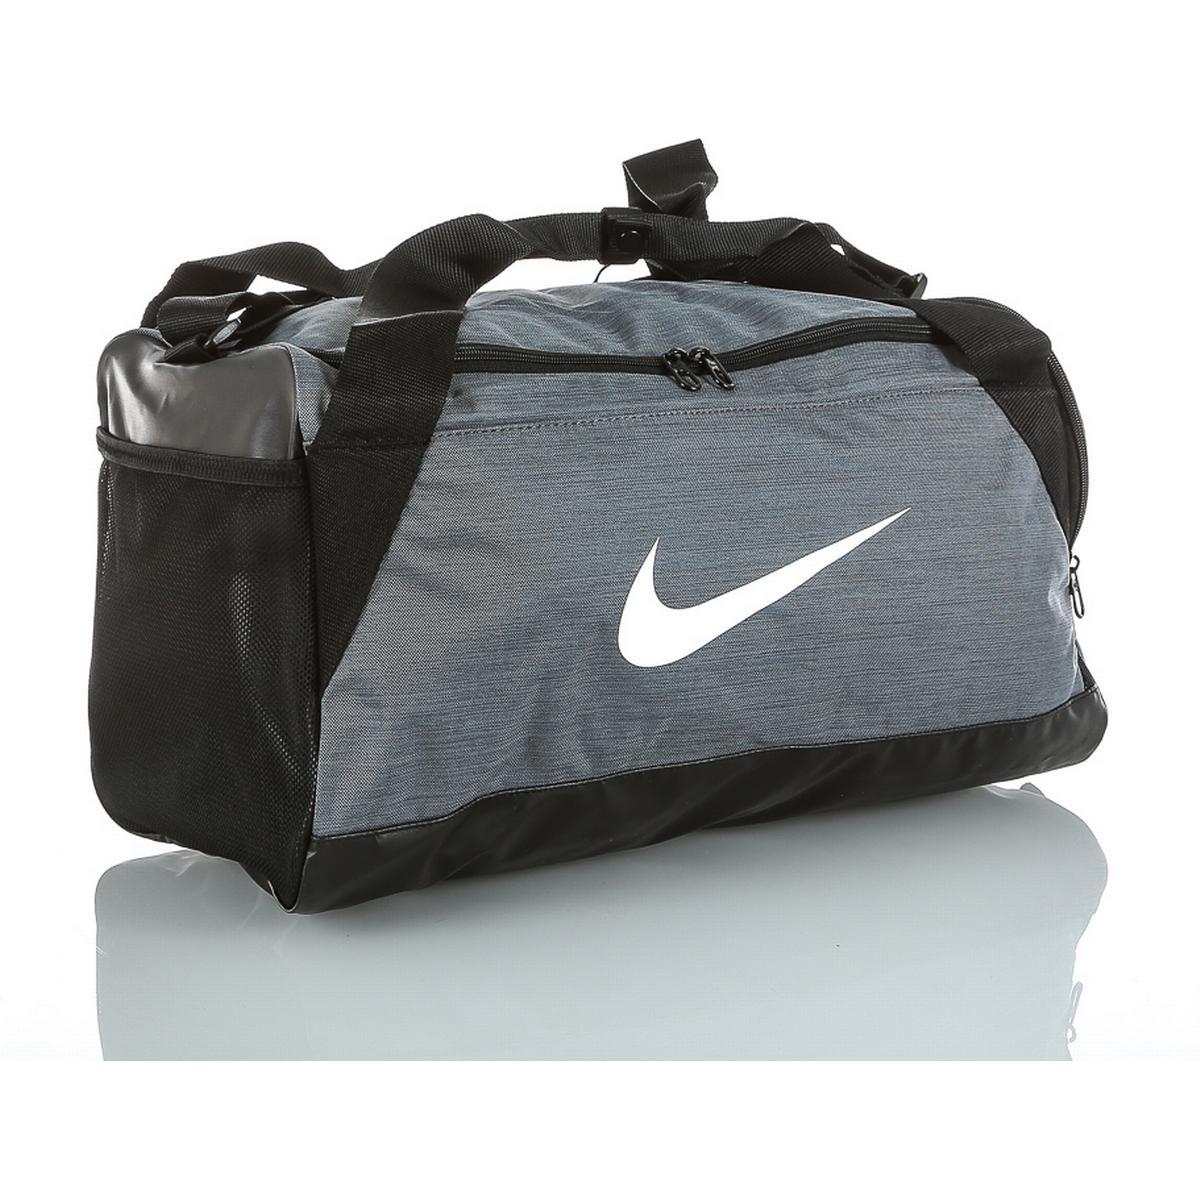 21002a2746d3 Nike Väskor - Jämför priser på PriceRunner